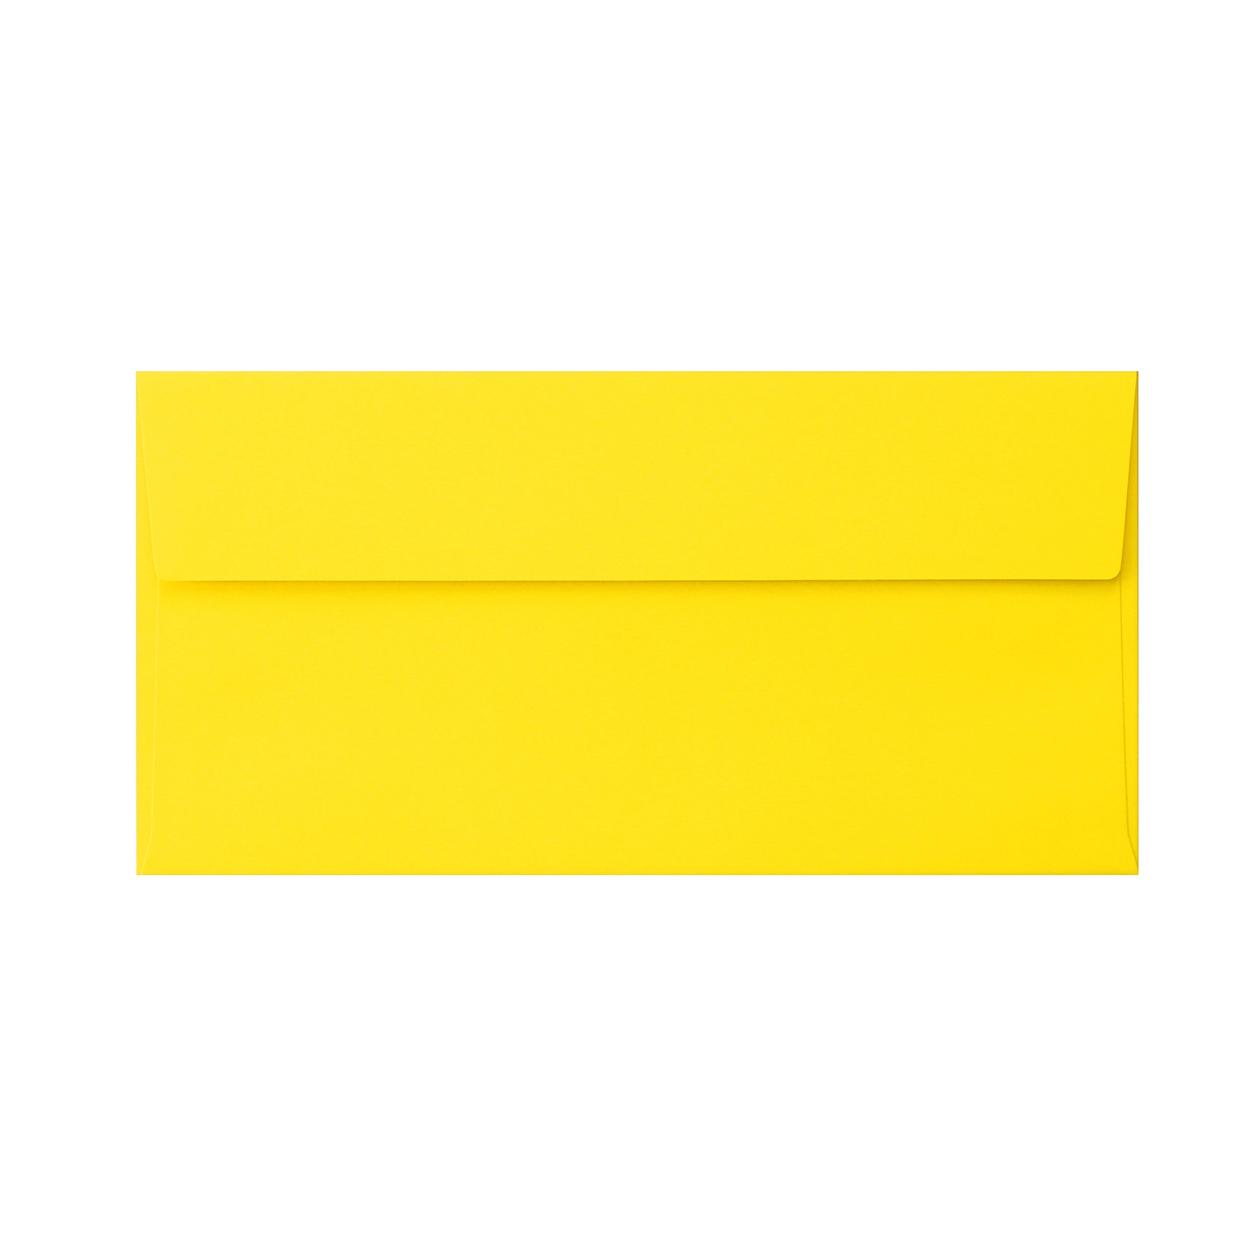 長3カマス封筒 コットン(NTラシャ) ひまわり 116.3g